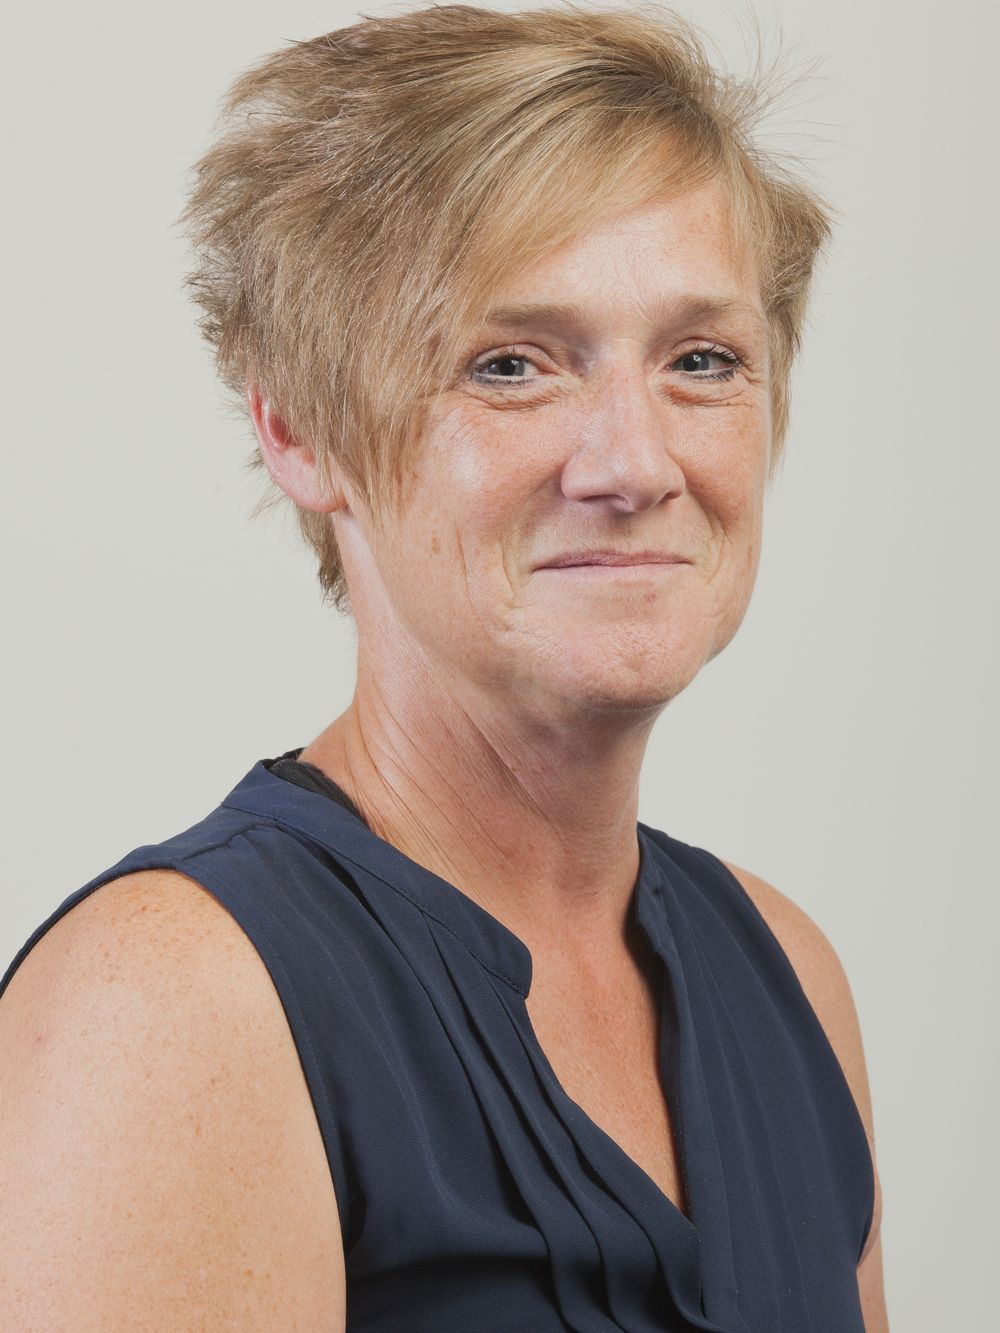 Kirsten Ulrich